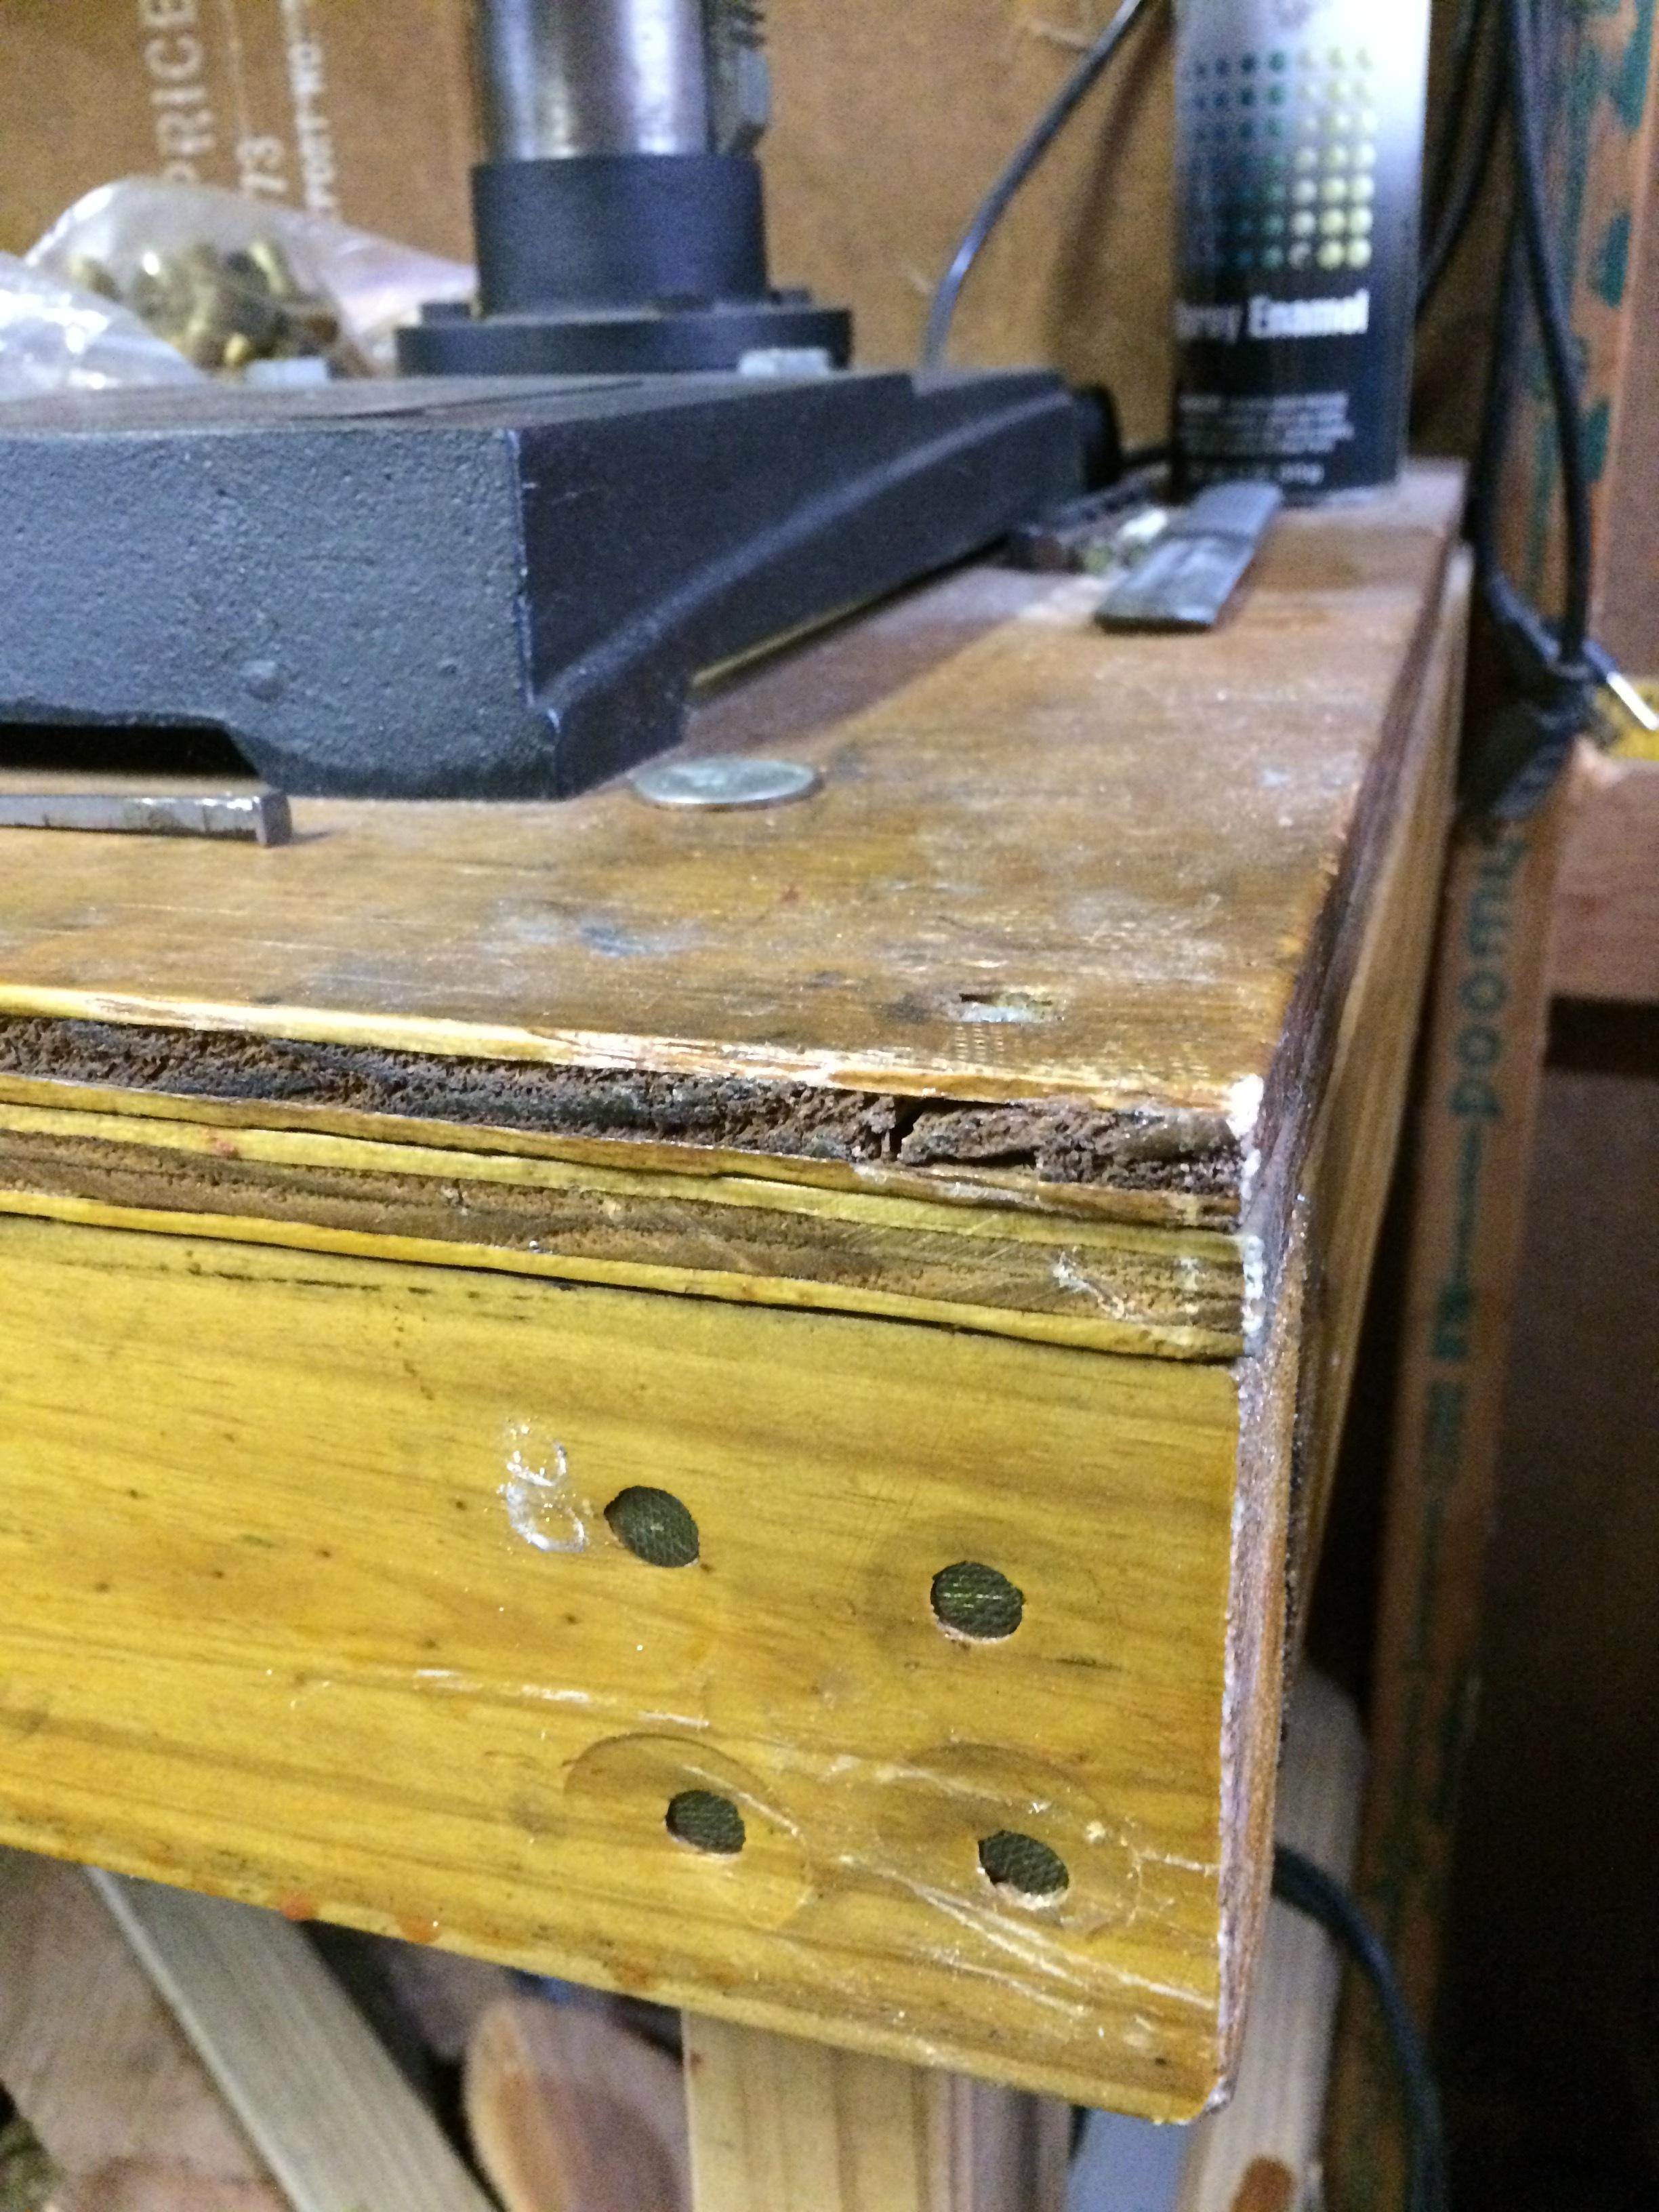 Superb Reloading Bench Table Top General Reloading Brian Enoss Short Links Chair Design For Home Short Linksinfo